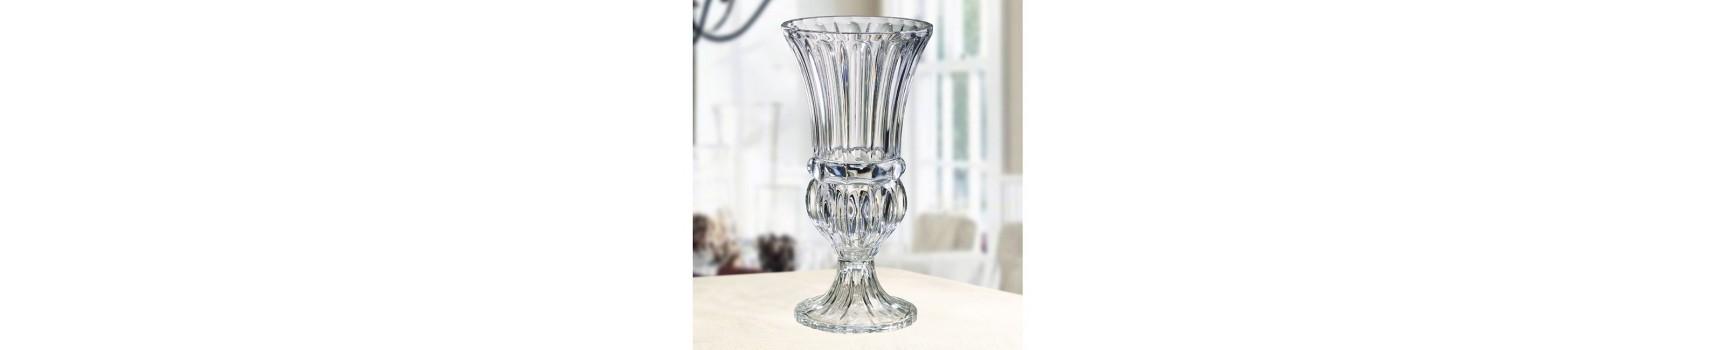 כלי זכוכית דמוי קריסטל